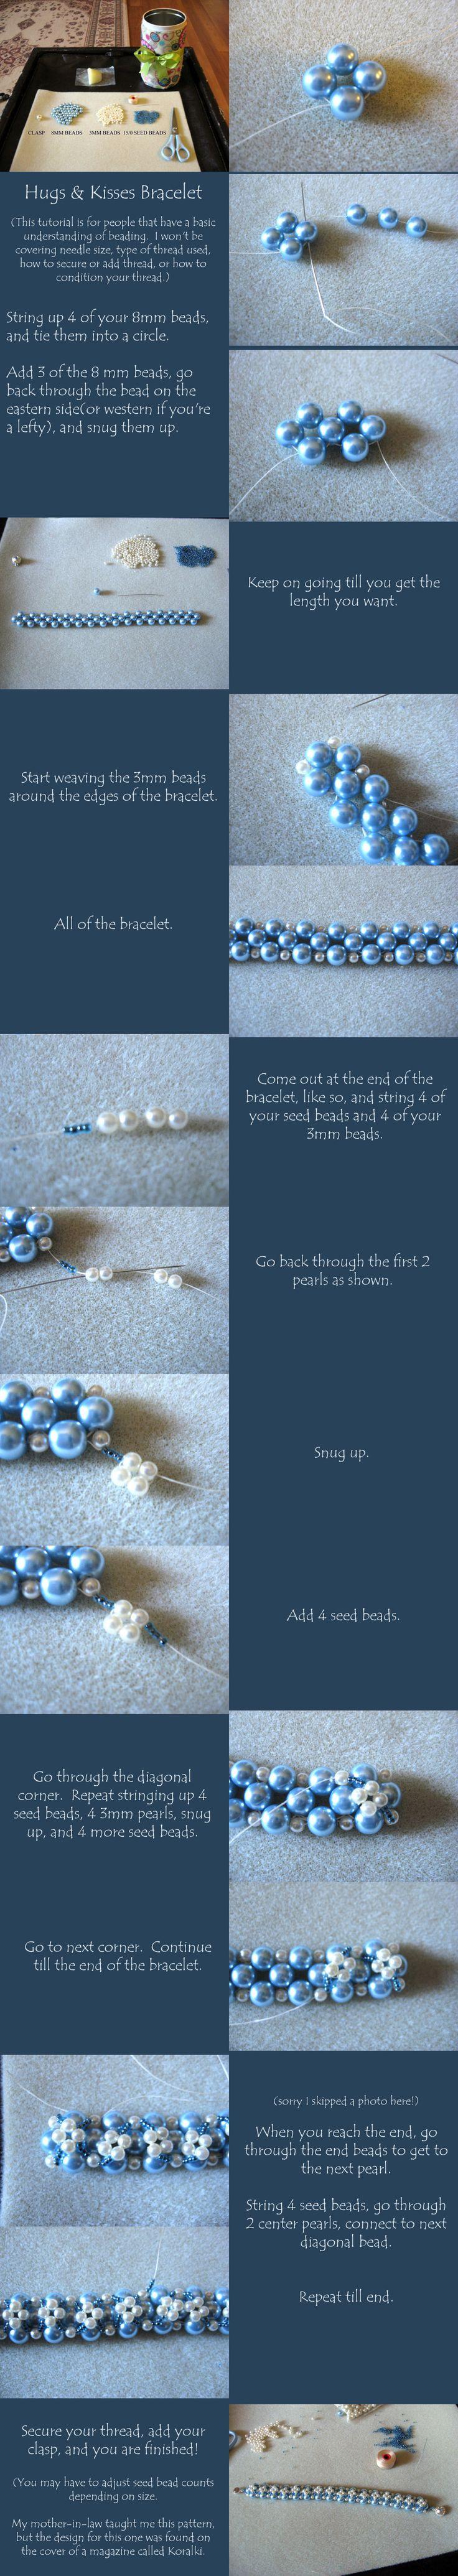 hugs and kissesHug And Kisses Bracelets, Beads Weaving Tutorials, Bracelets Tutorials, Beads Bracelets, Beaded Bracelets, Beadweaving, Bead Weaving, Pearls Bracelets, Arwen Art